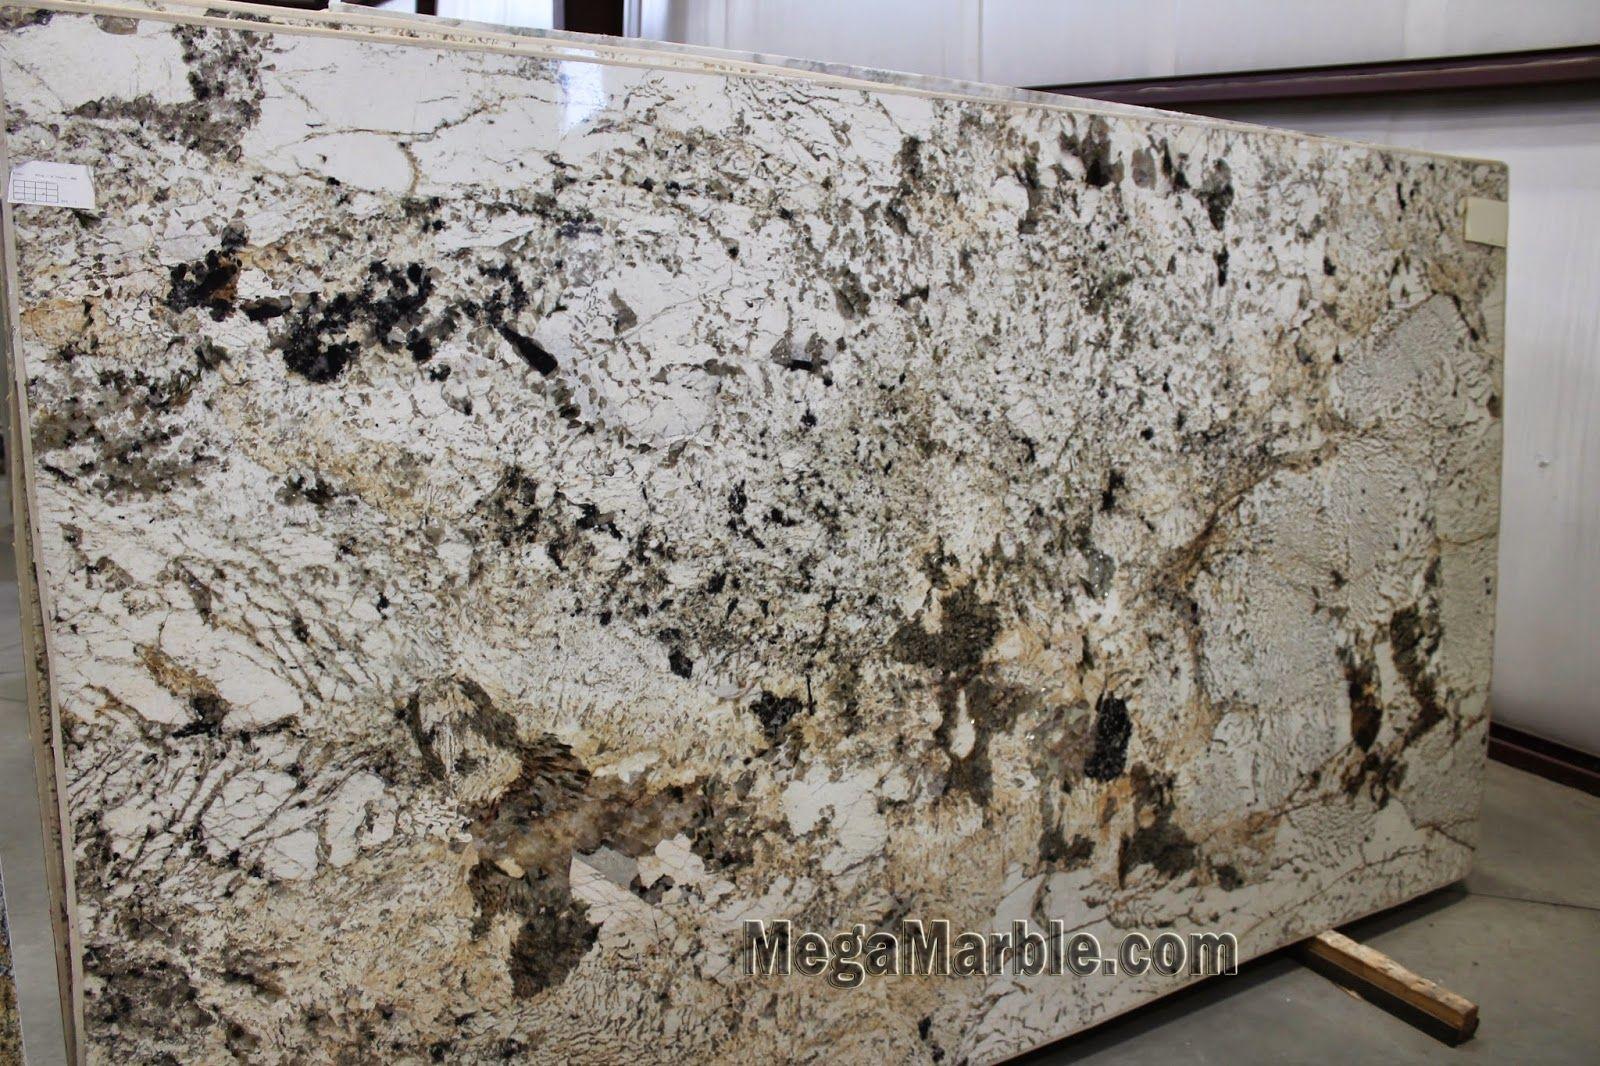 BLANC DU BLANC.This BLANC DU BLANC is exotic white colored granite ...